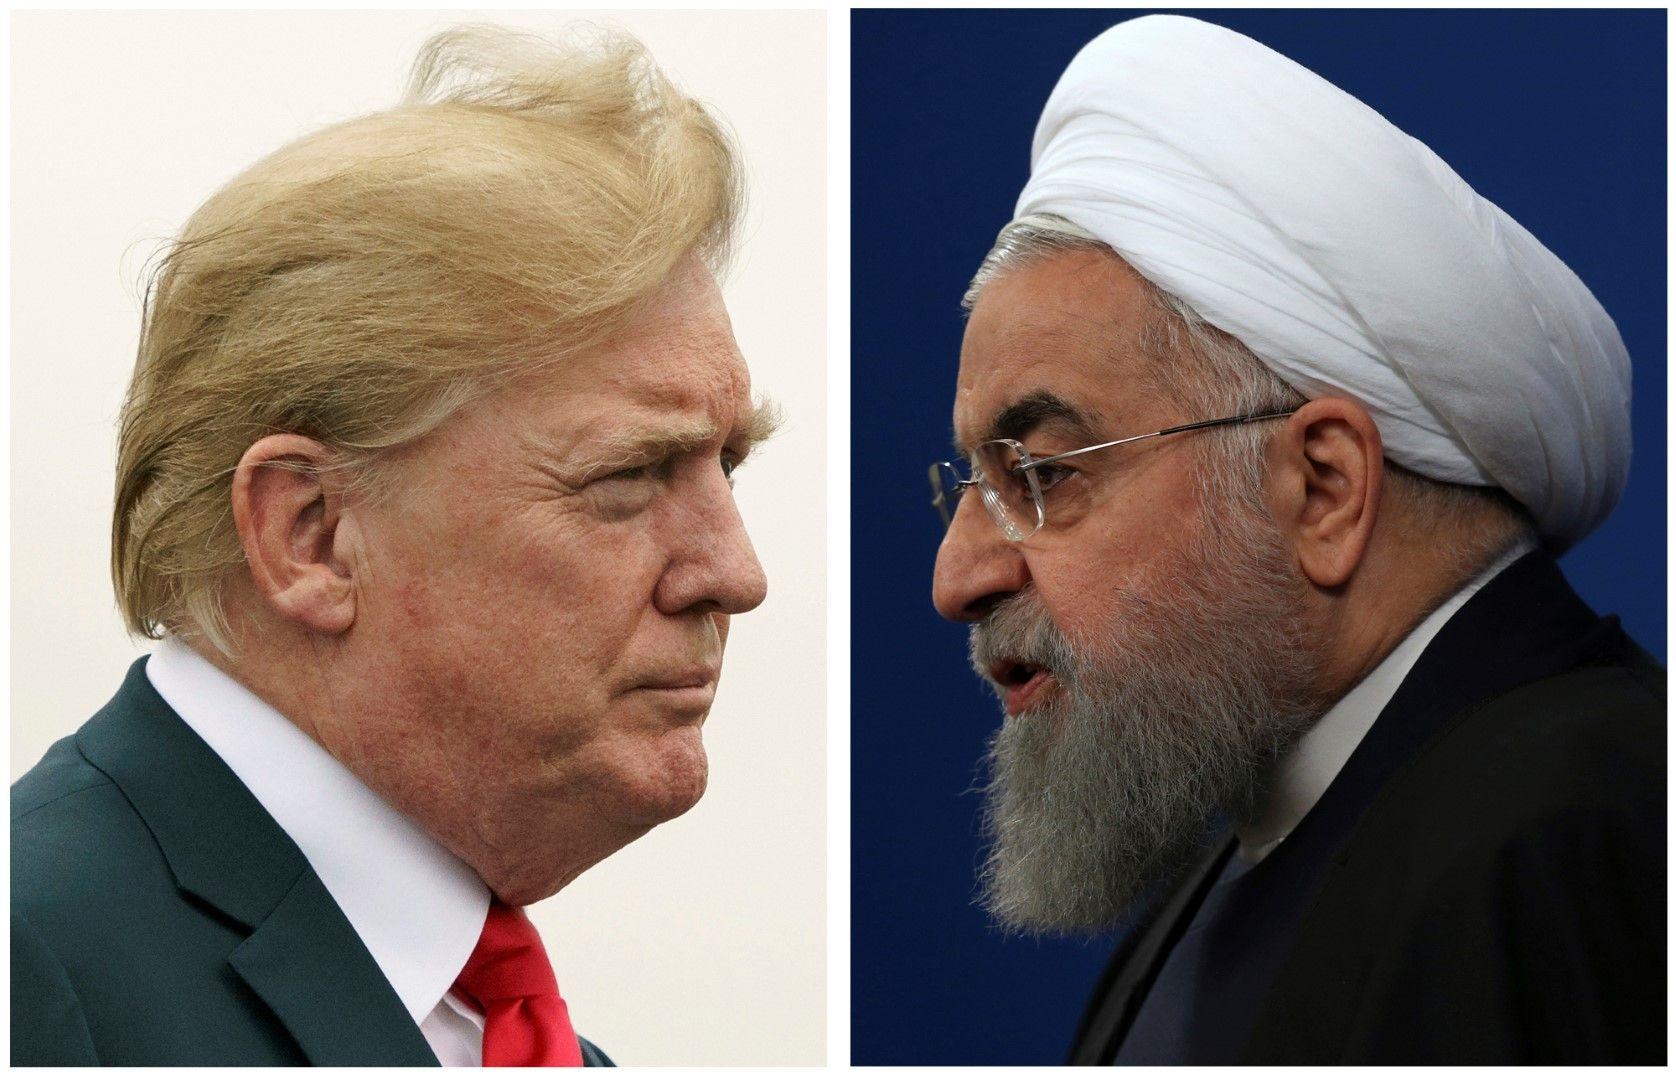 Кой е по-опасният в заплахите си: Тръмп или Рохани?